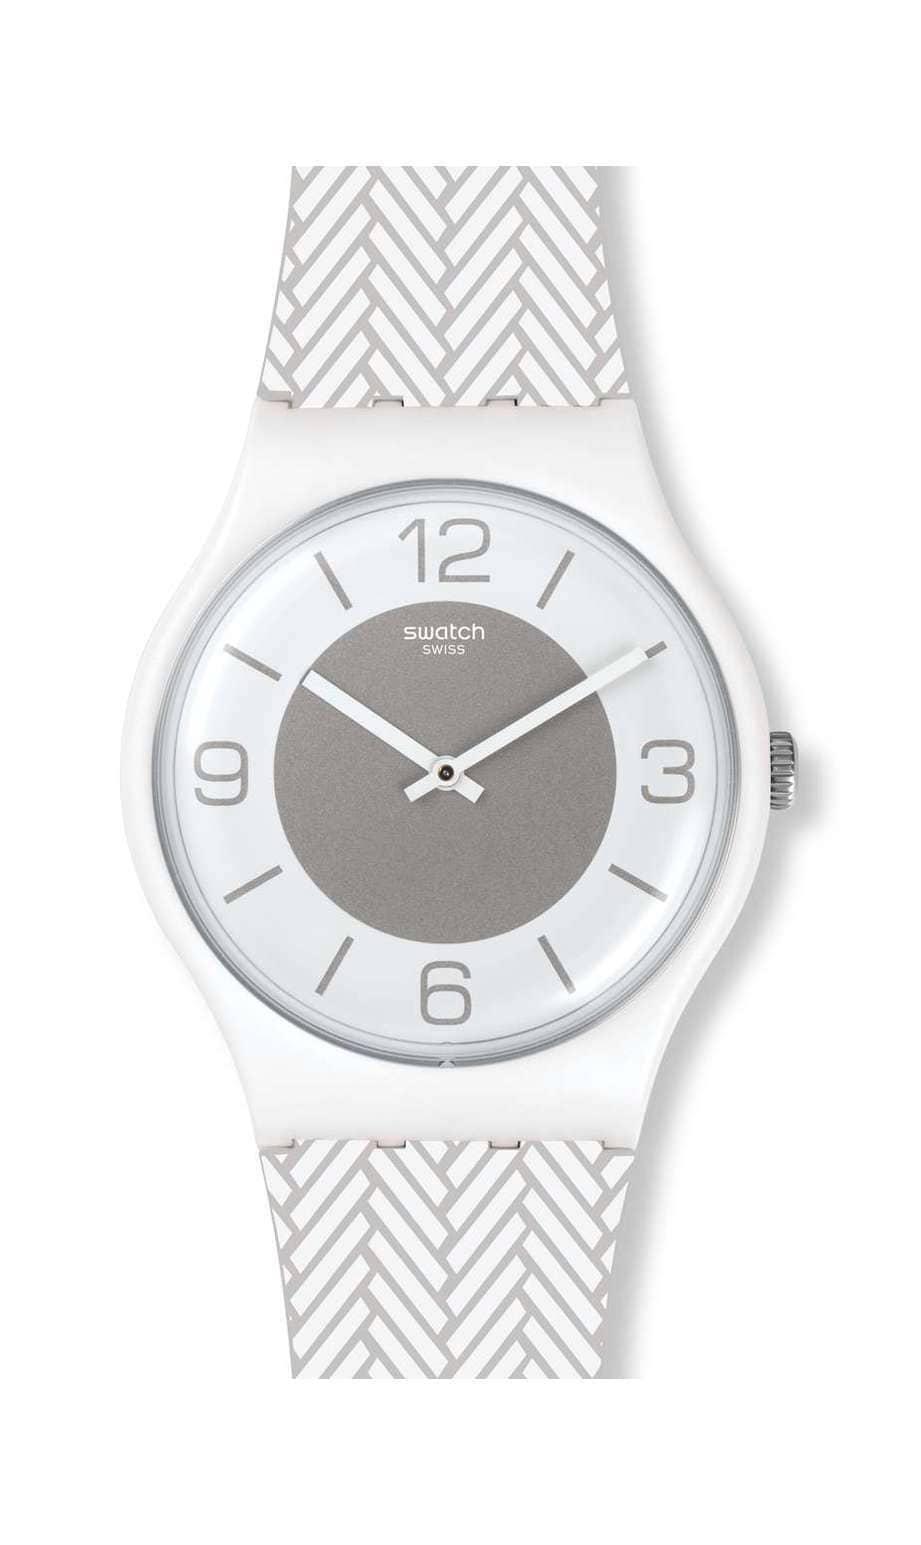 Swatch - WHITE GLOVE - 1